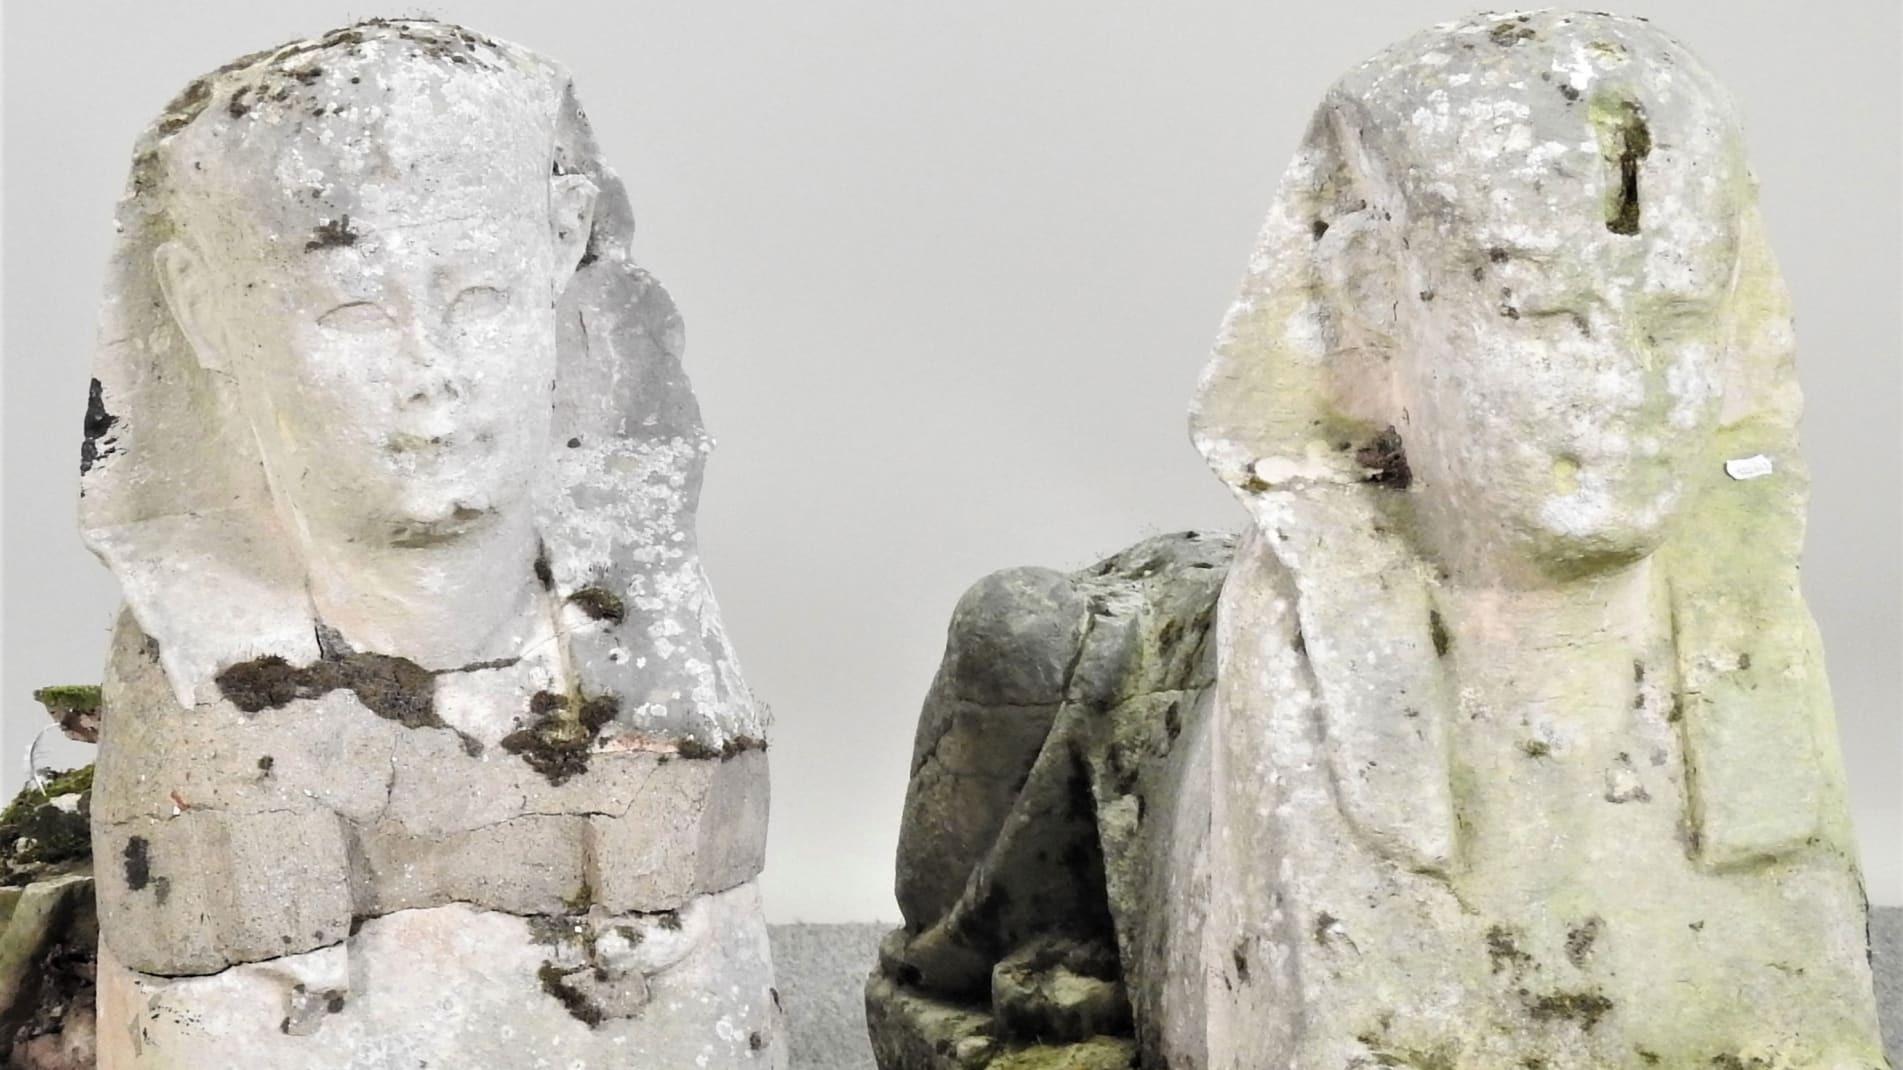 Британская семья хотела продать садовые статуи, которые оказались древнеегипетскими артефактами